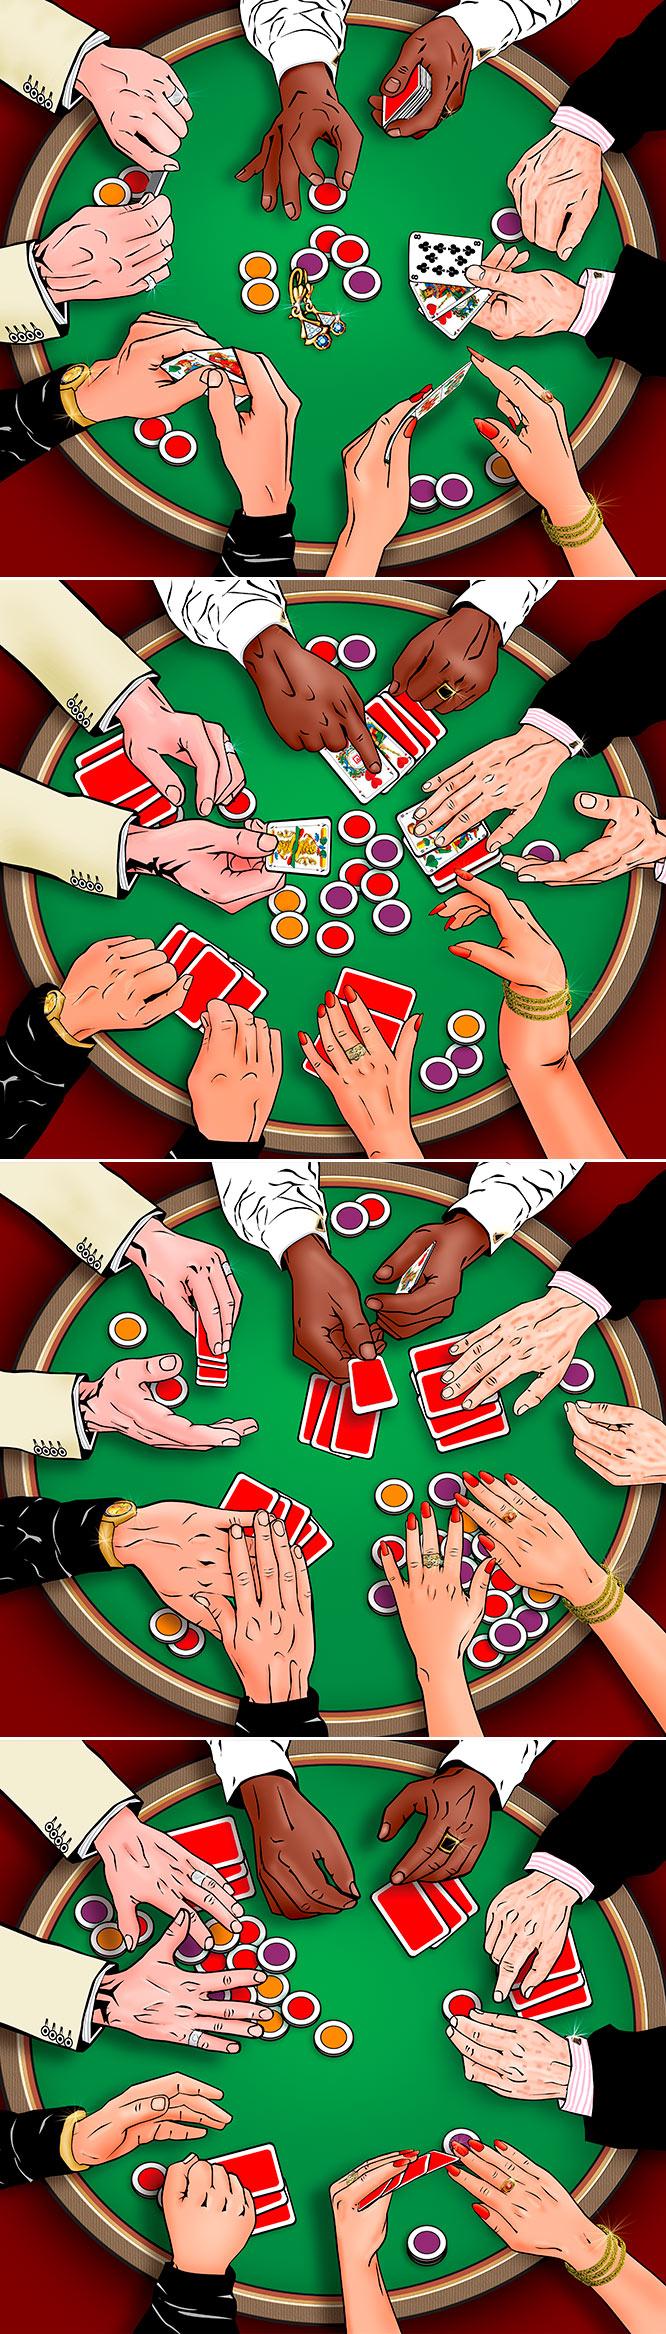 Grafikdesign und Illustration für Bet And Win